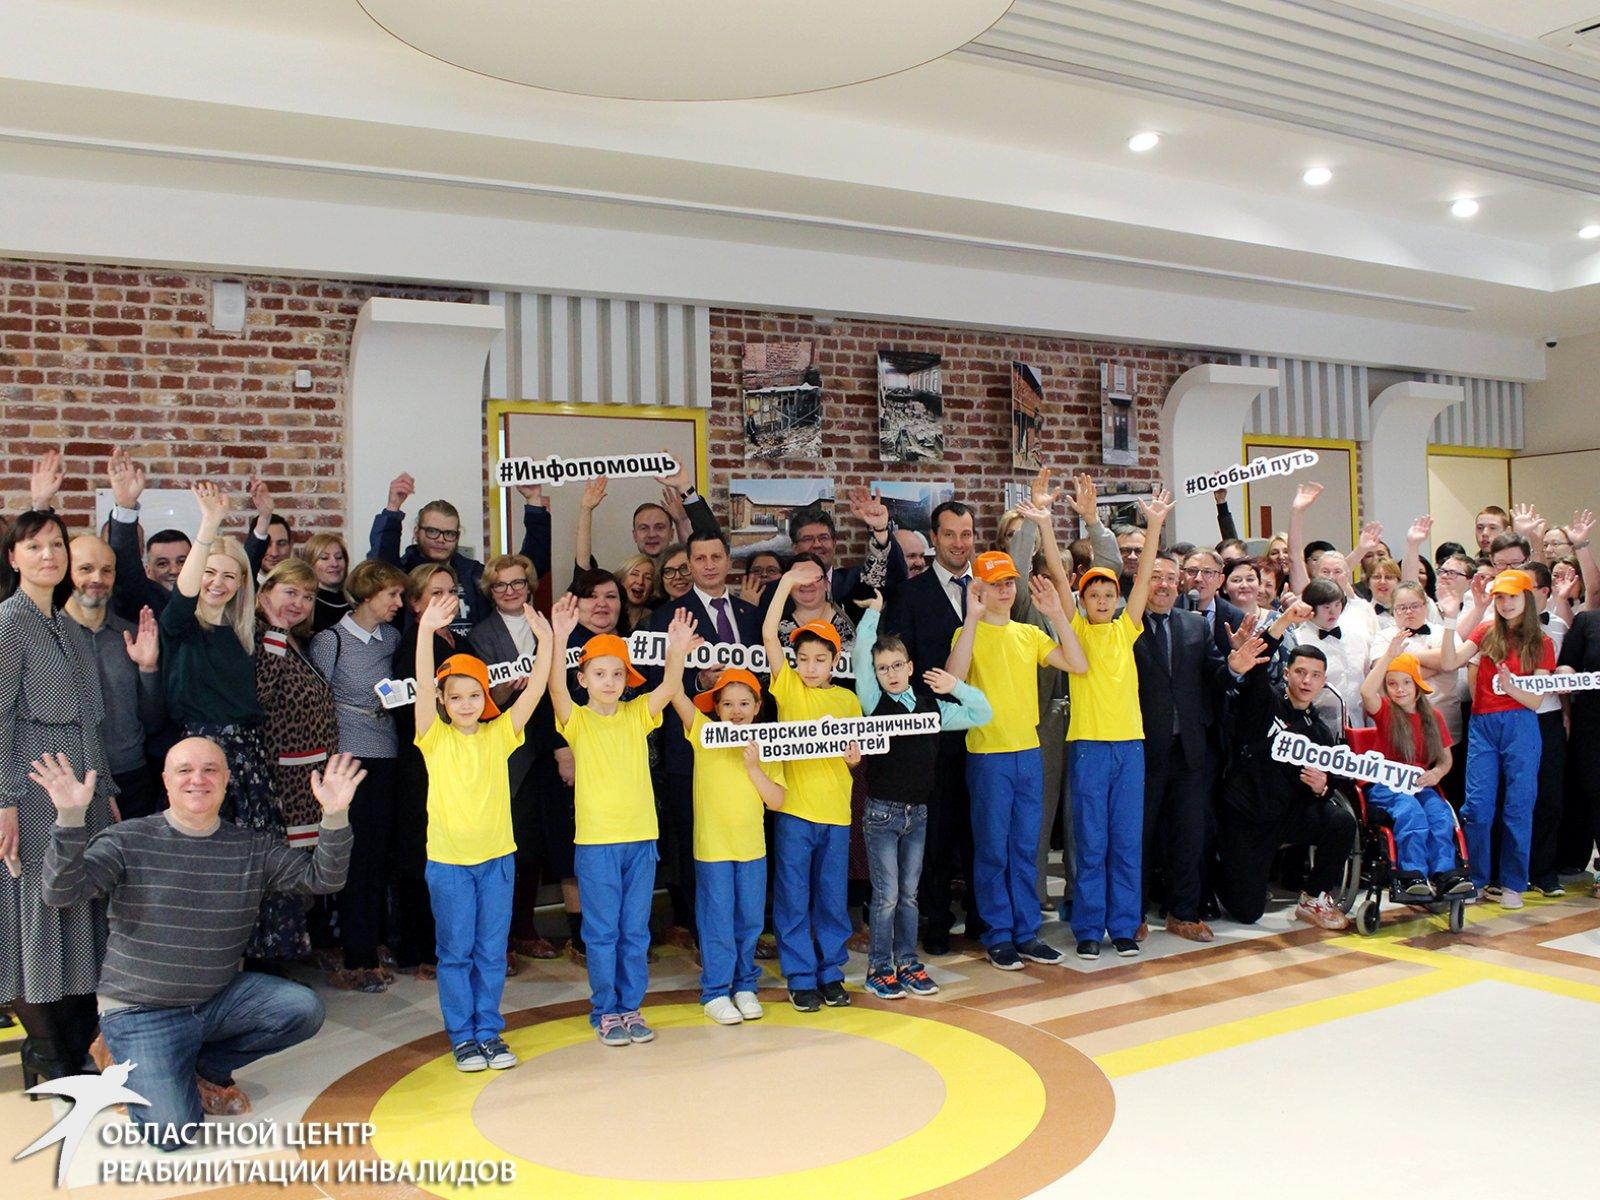 В Международный день инвалидов в Екатеринбурге открылся социальный центр для людей с ограниченными возможностями здоровья